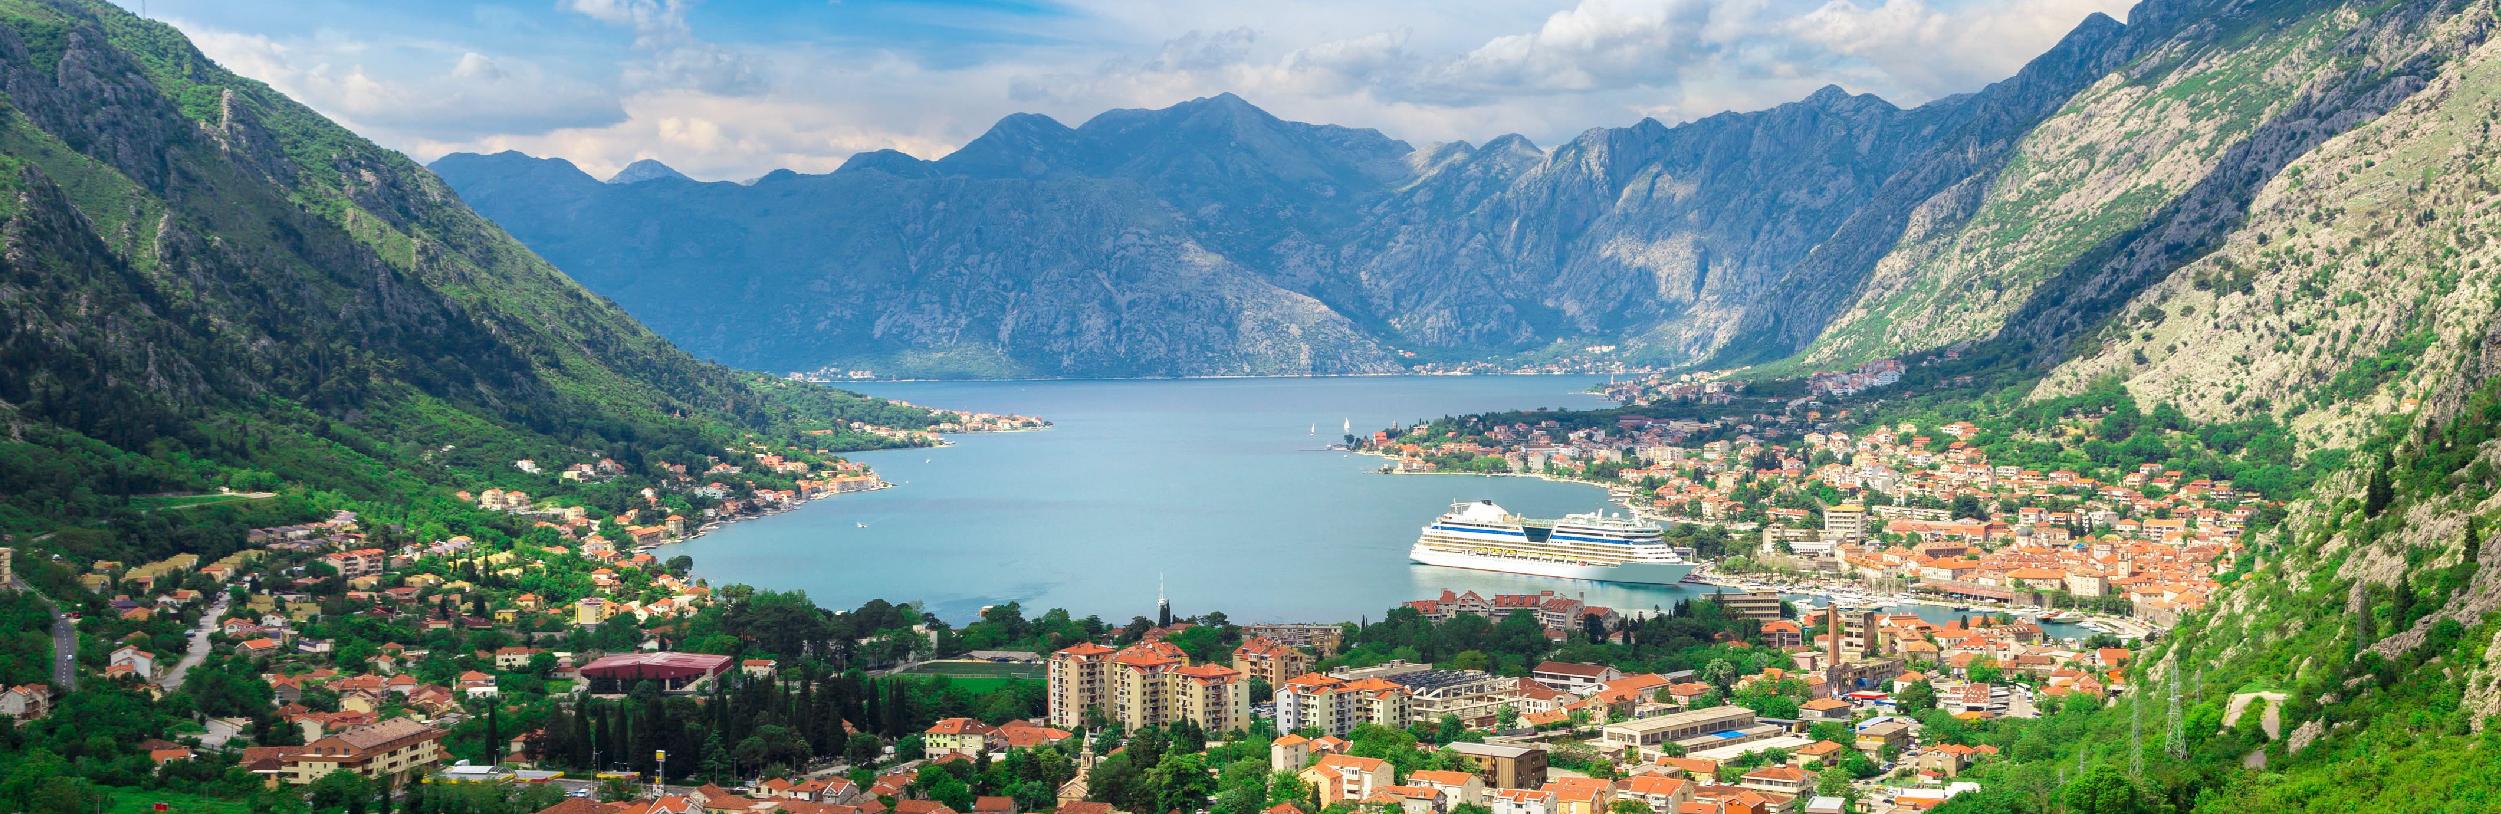 Công ty Việt Nam đầu tiên, duy nhất có hồ sơ đầu tư lấy quốc tịch Montenegro được chấp thuận Tiếng Việt English